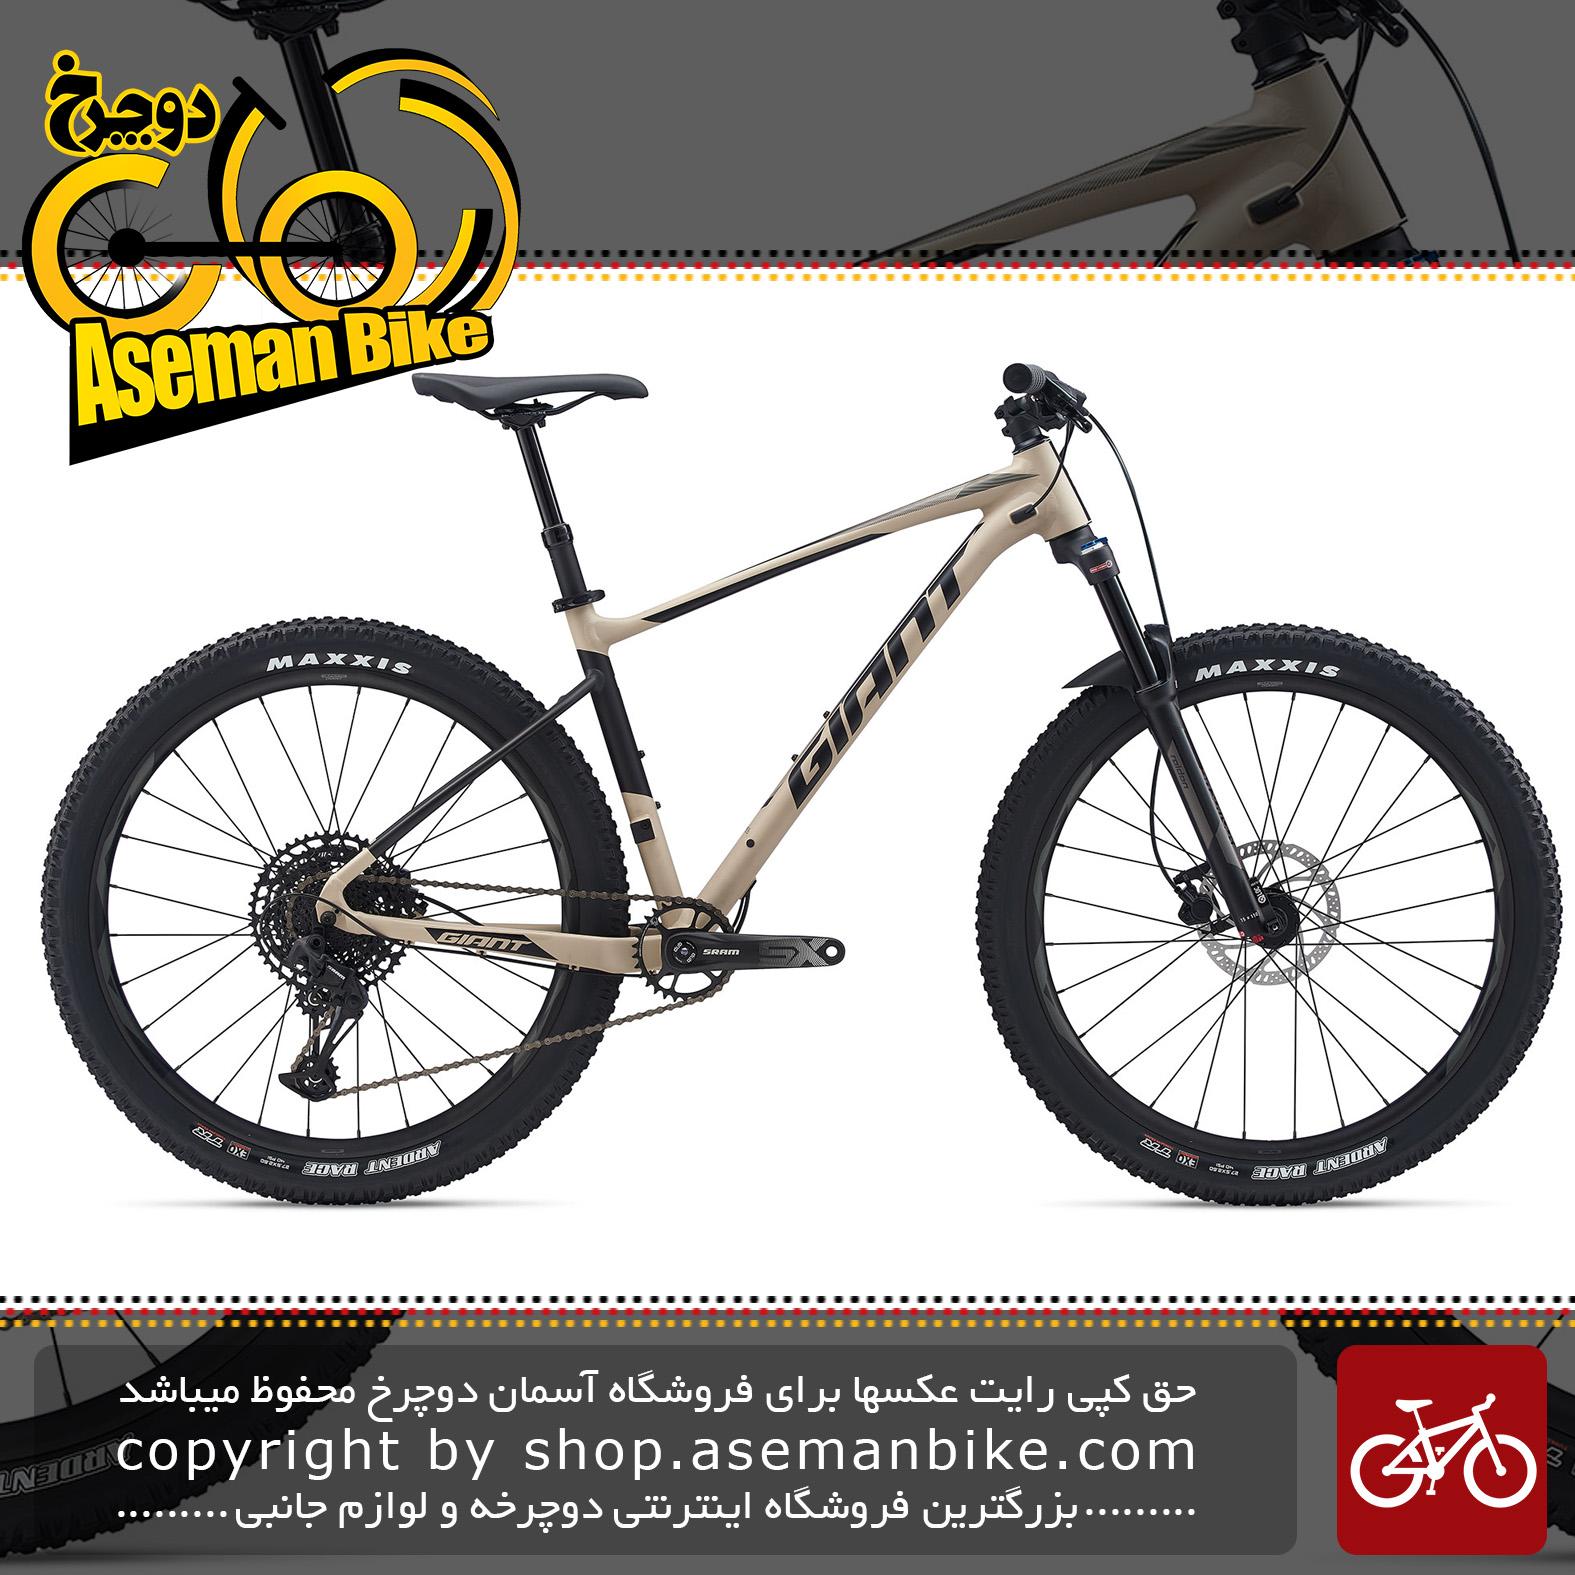 دوچرخه کوهستان جاینت مدل فدم 2 2020 Giant Mountain Bicycle Fathom 2 2020